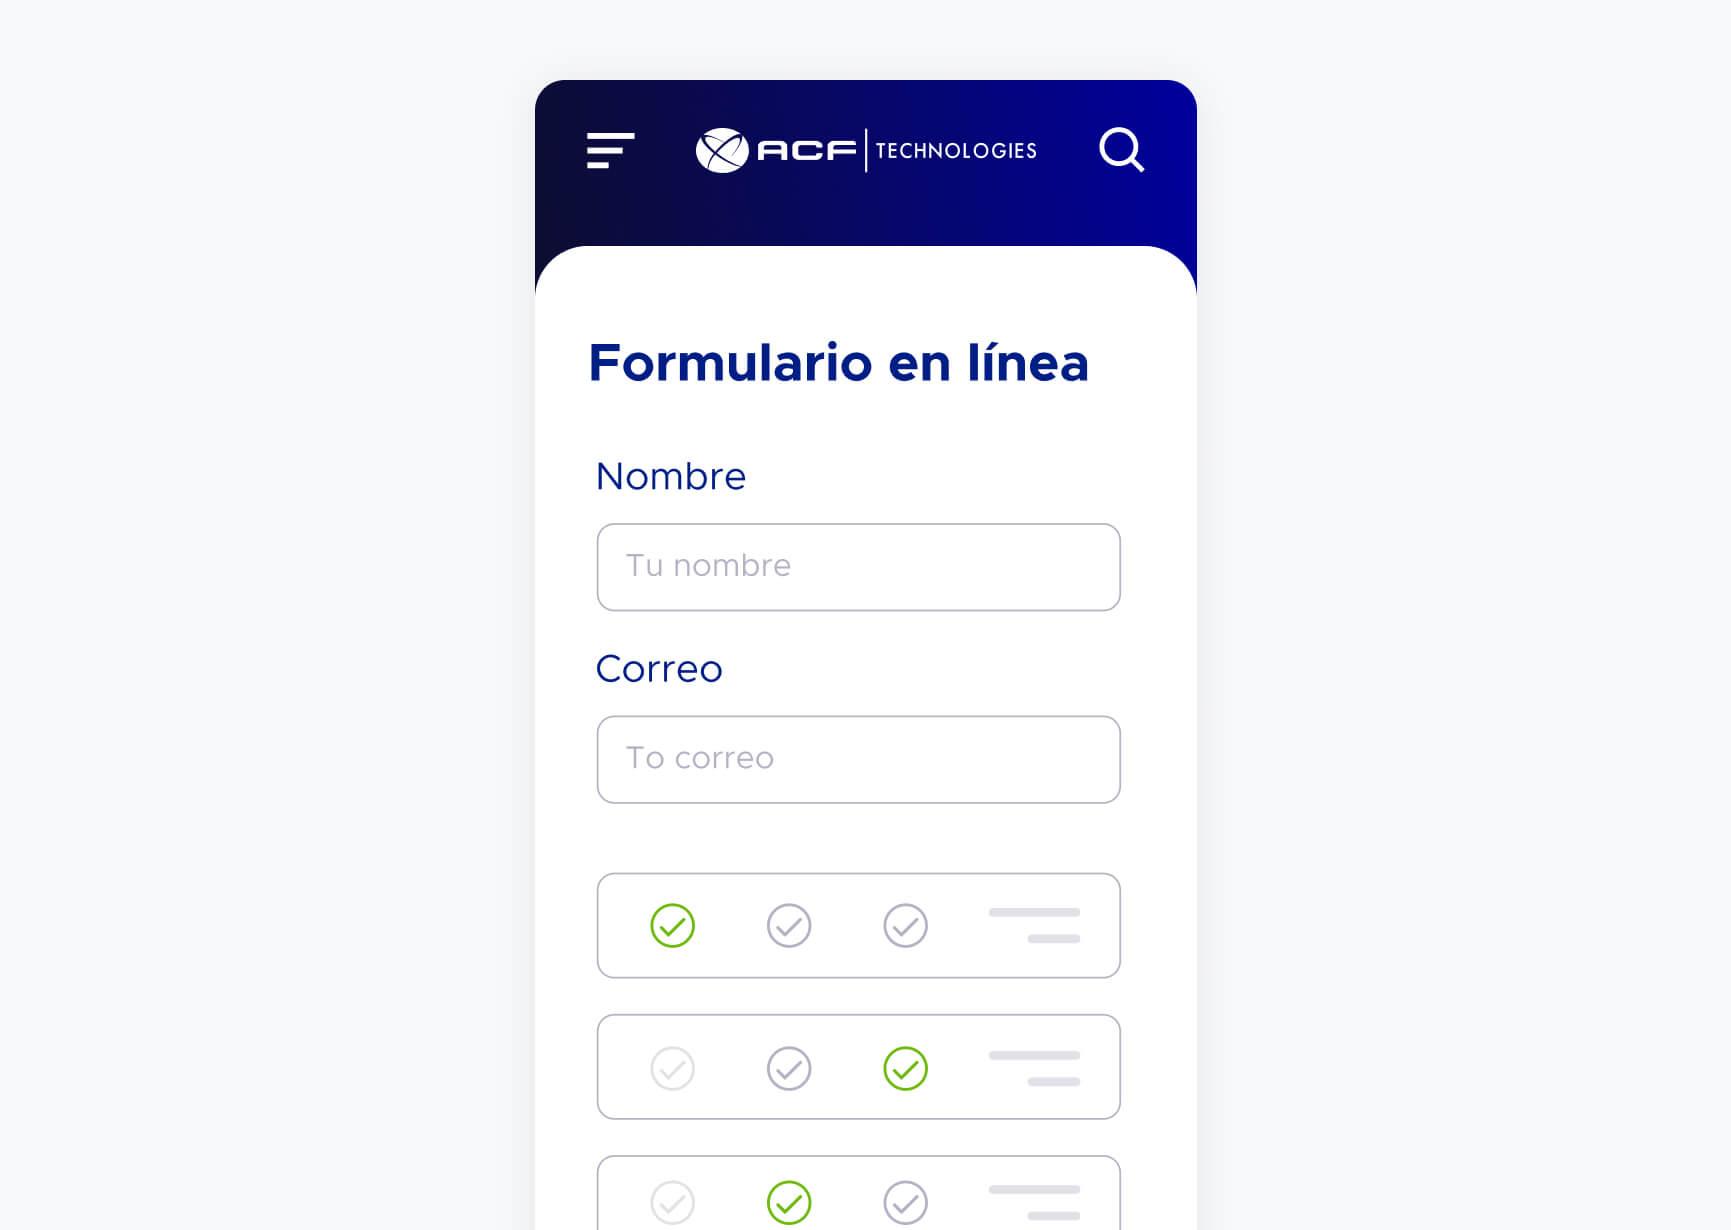 Pantalla móvil de solución formulario en línea de ACF Technologies